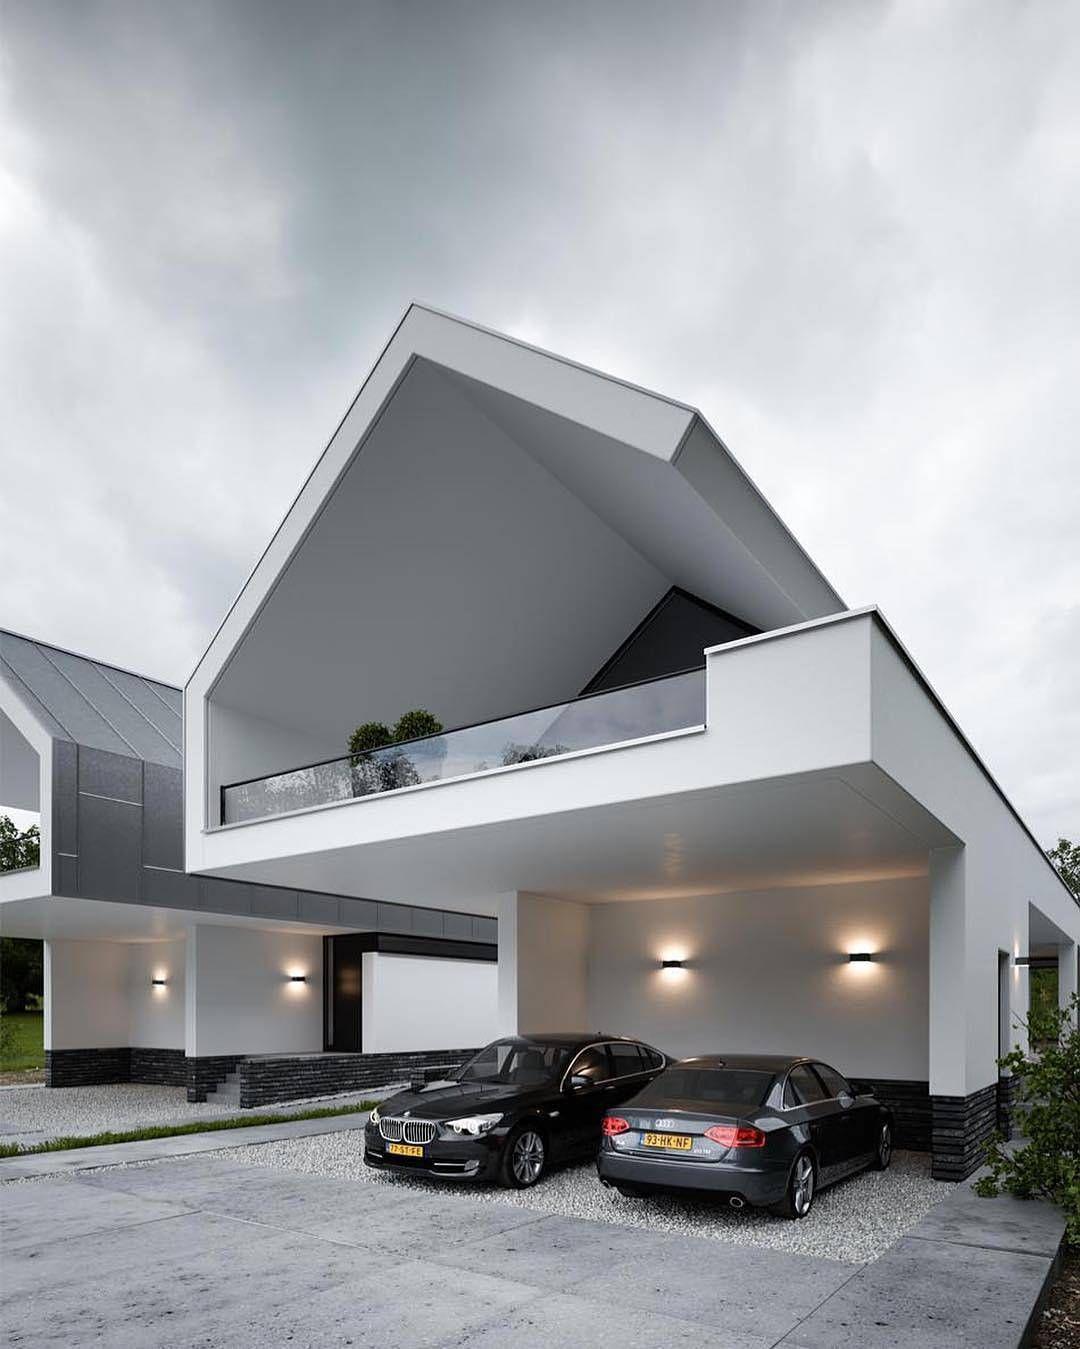 Consulta Esta Foto De Instagram Amazingarchitecture O 105 Mil Me Gusta House DesignVilla